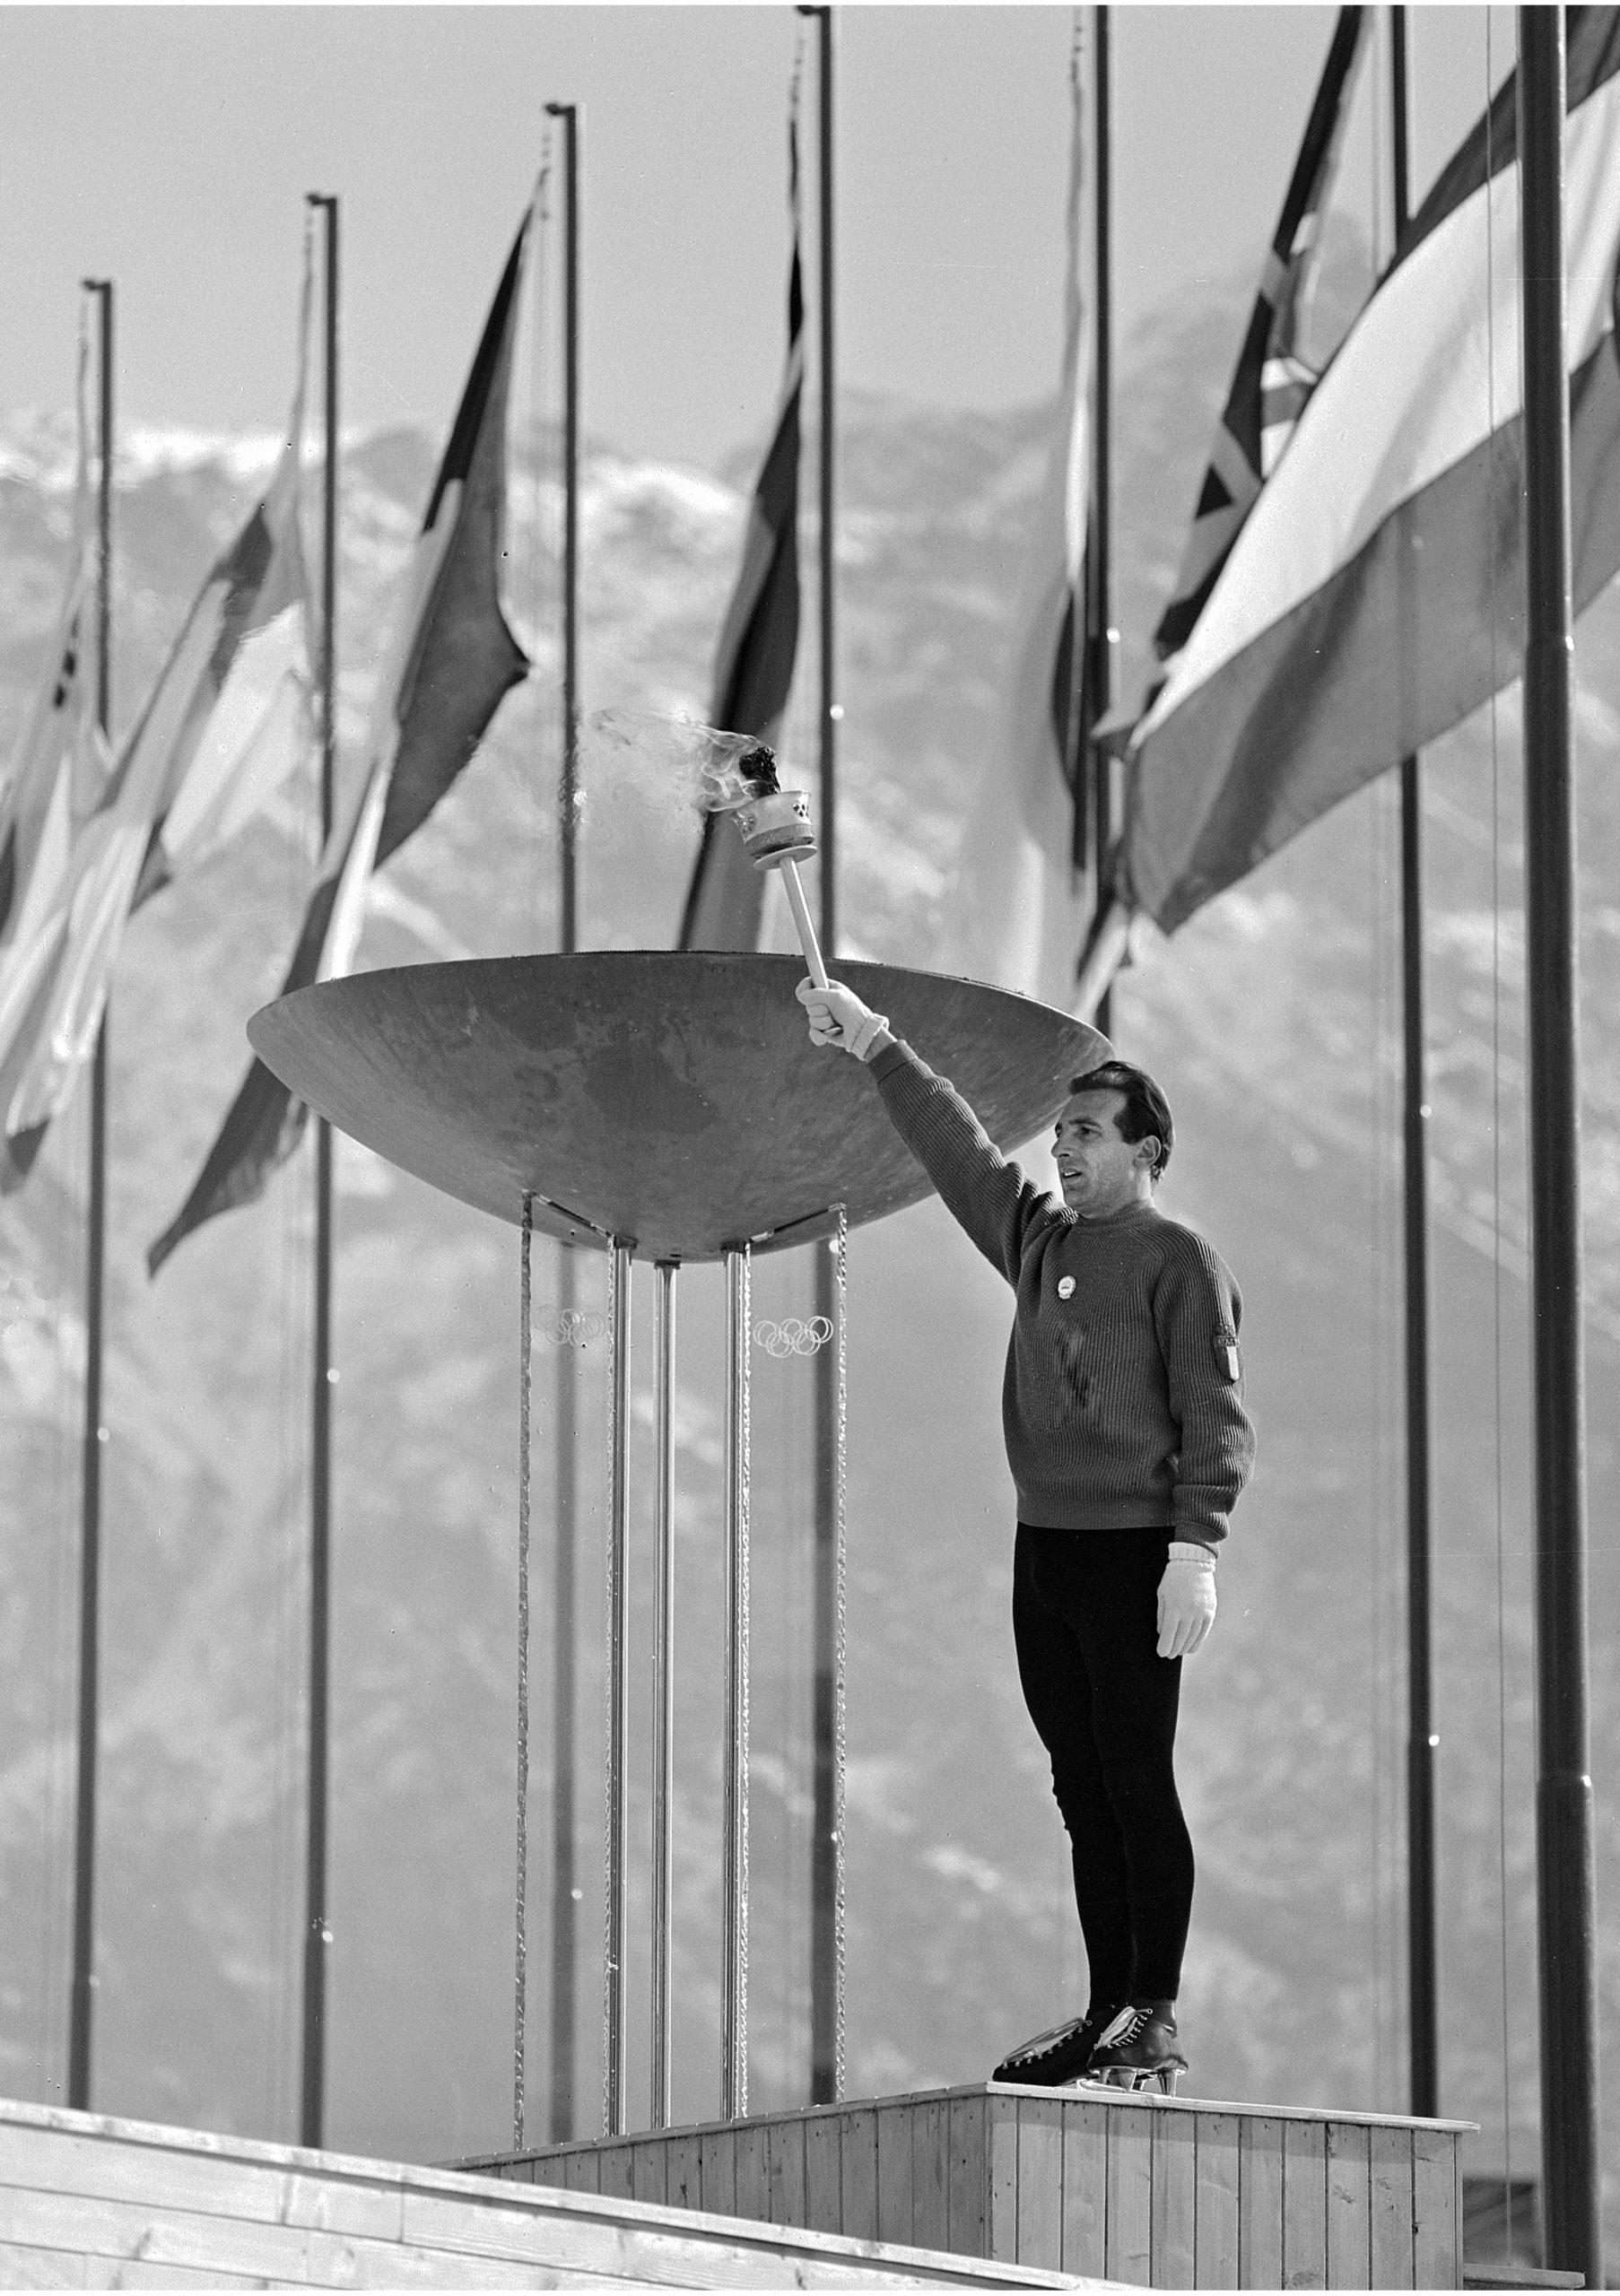 giochi-olimpici-cortina-56